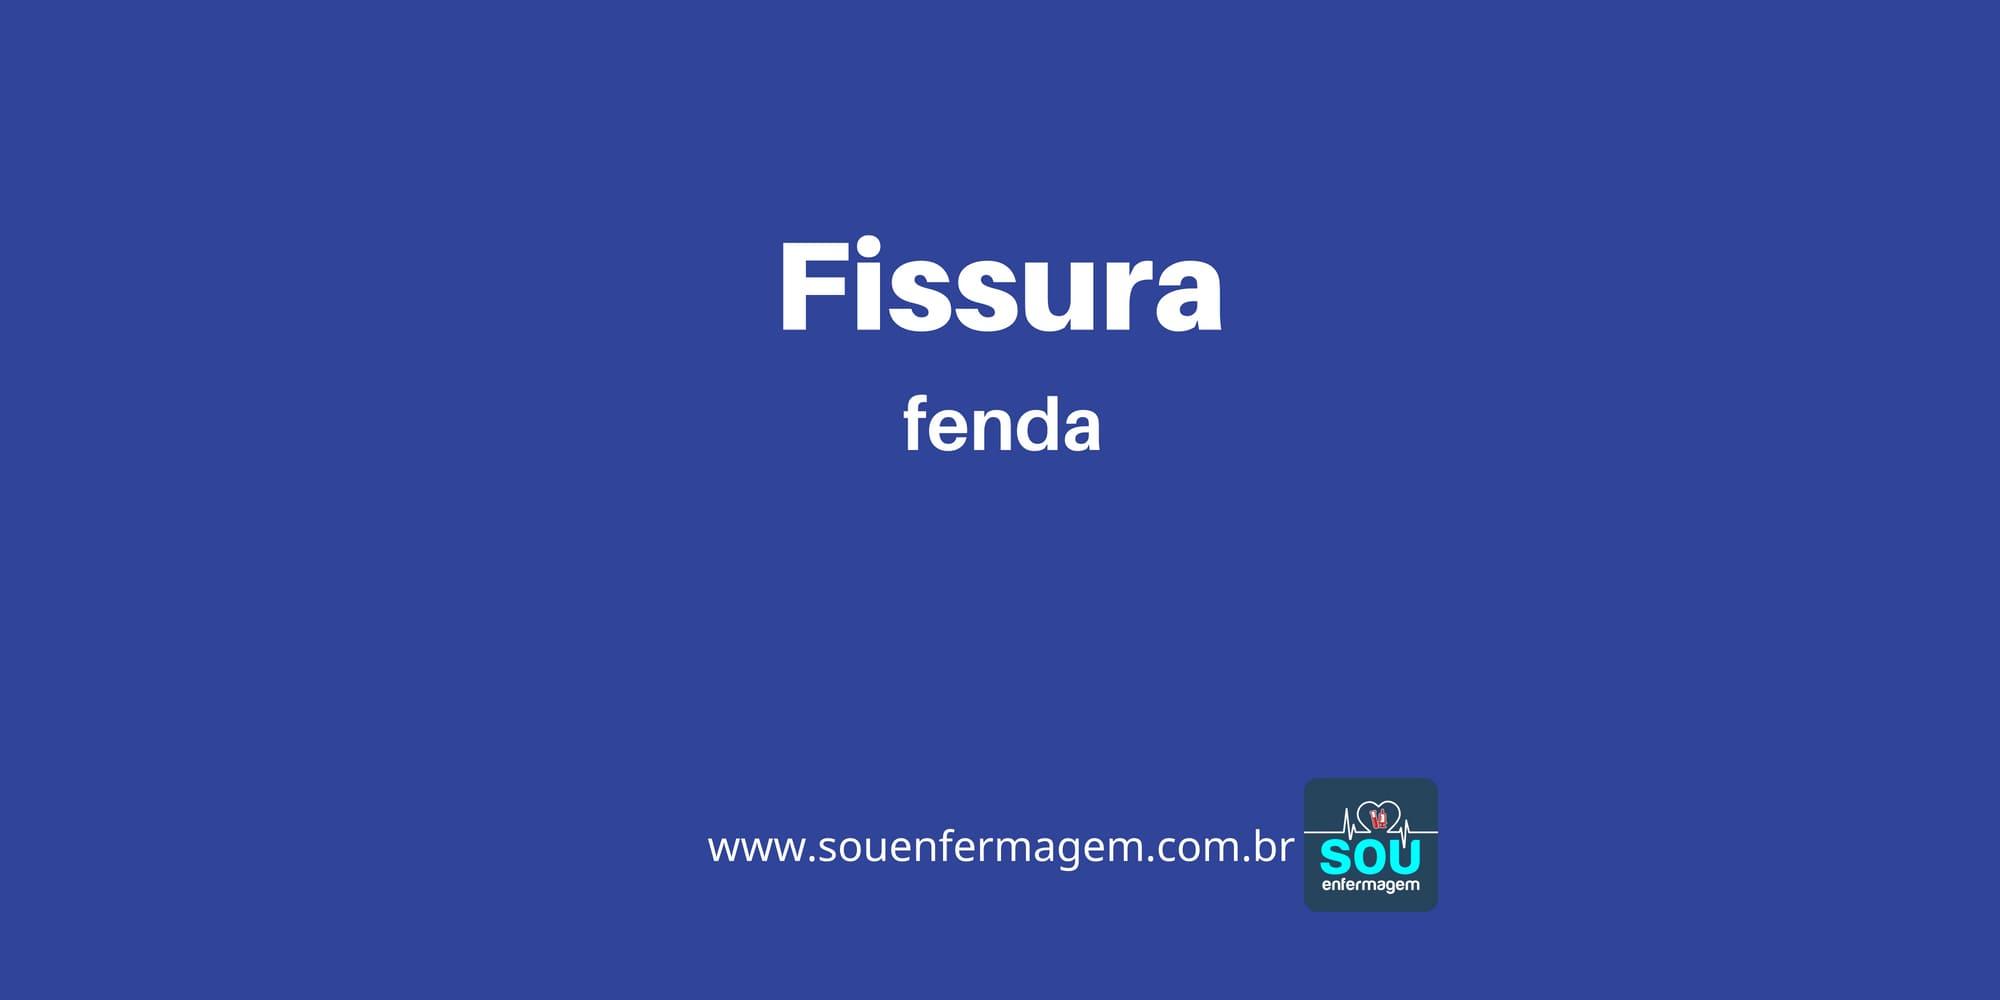 Fissura.jpg